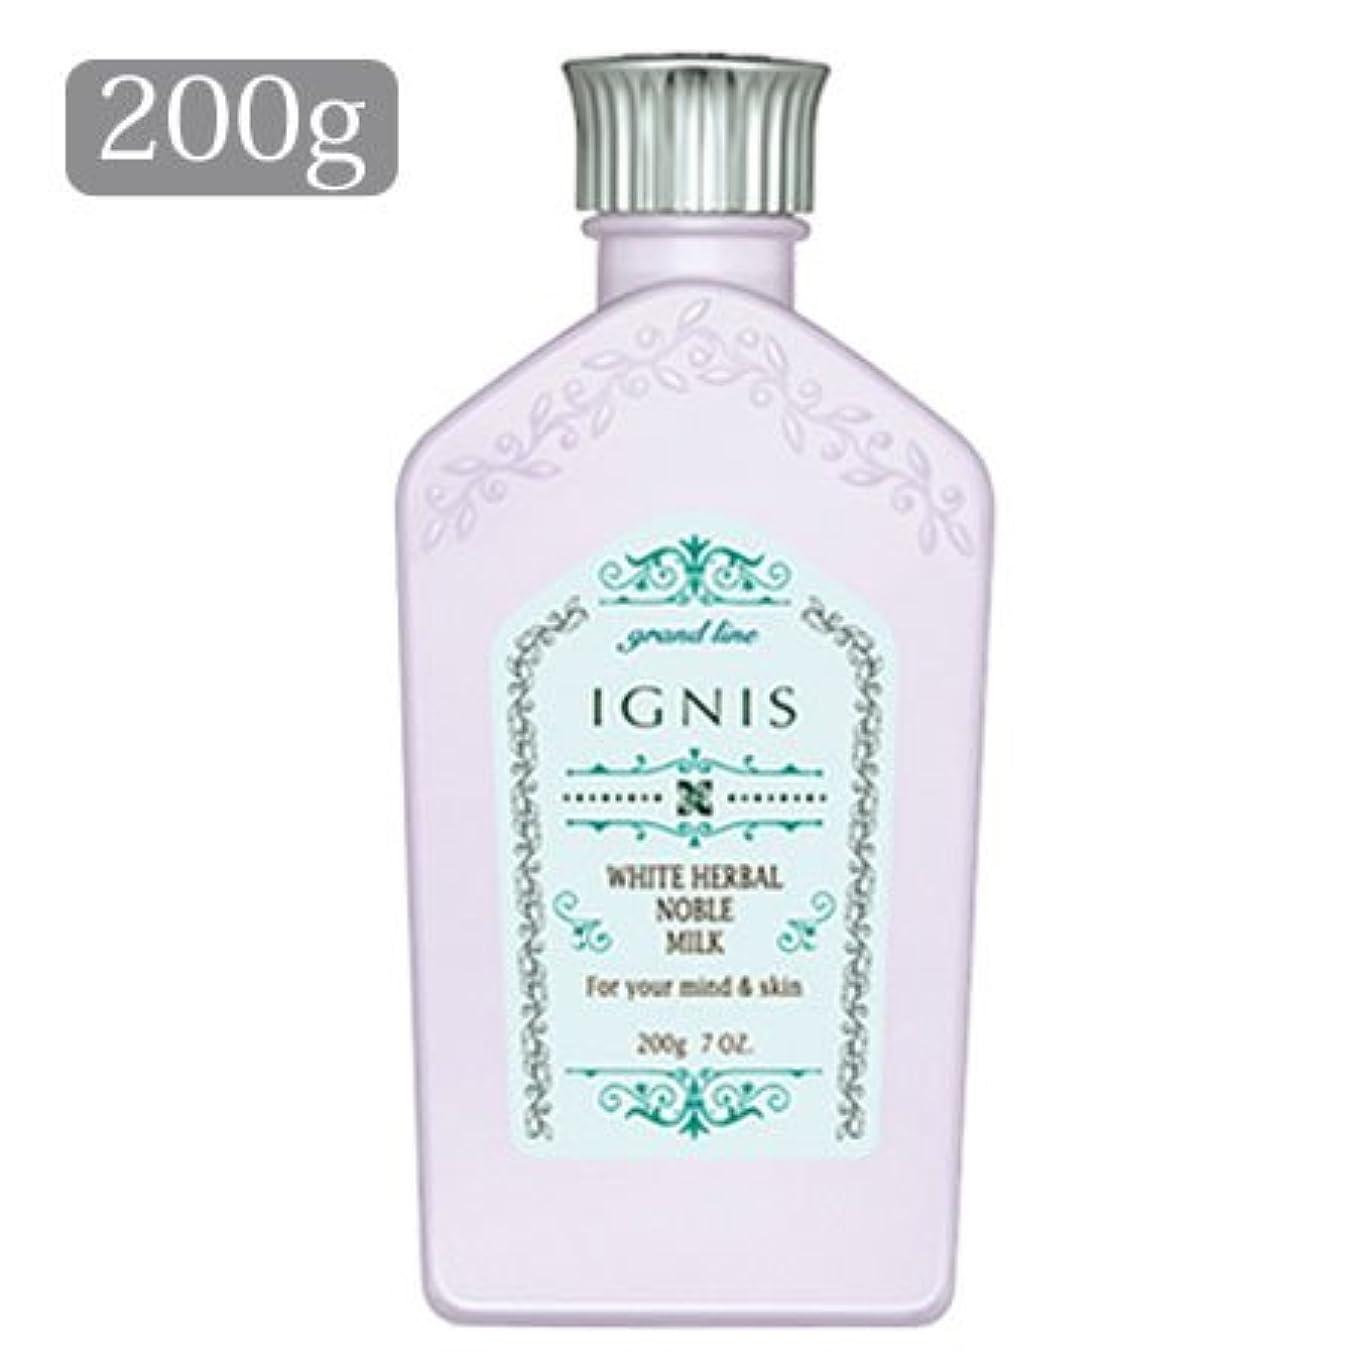 マガジングローブ国歌イグニス ホワイトハーバル ノーブル ミルク 200g -IGNIS-